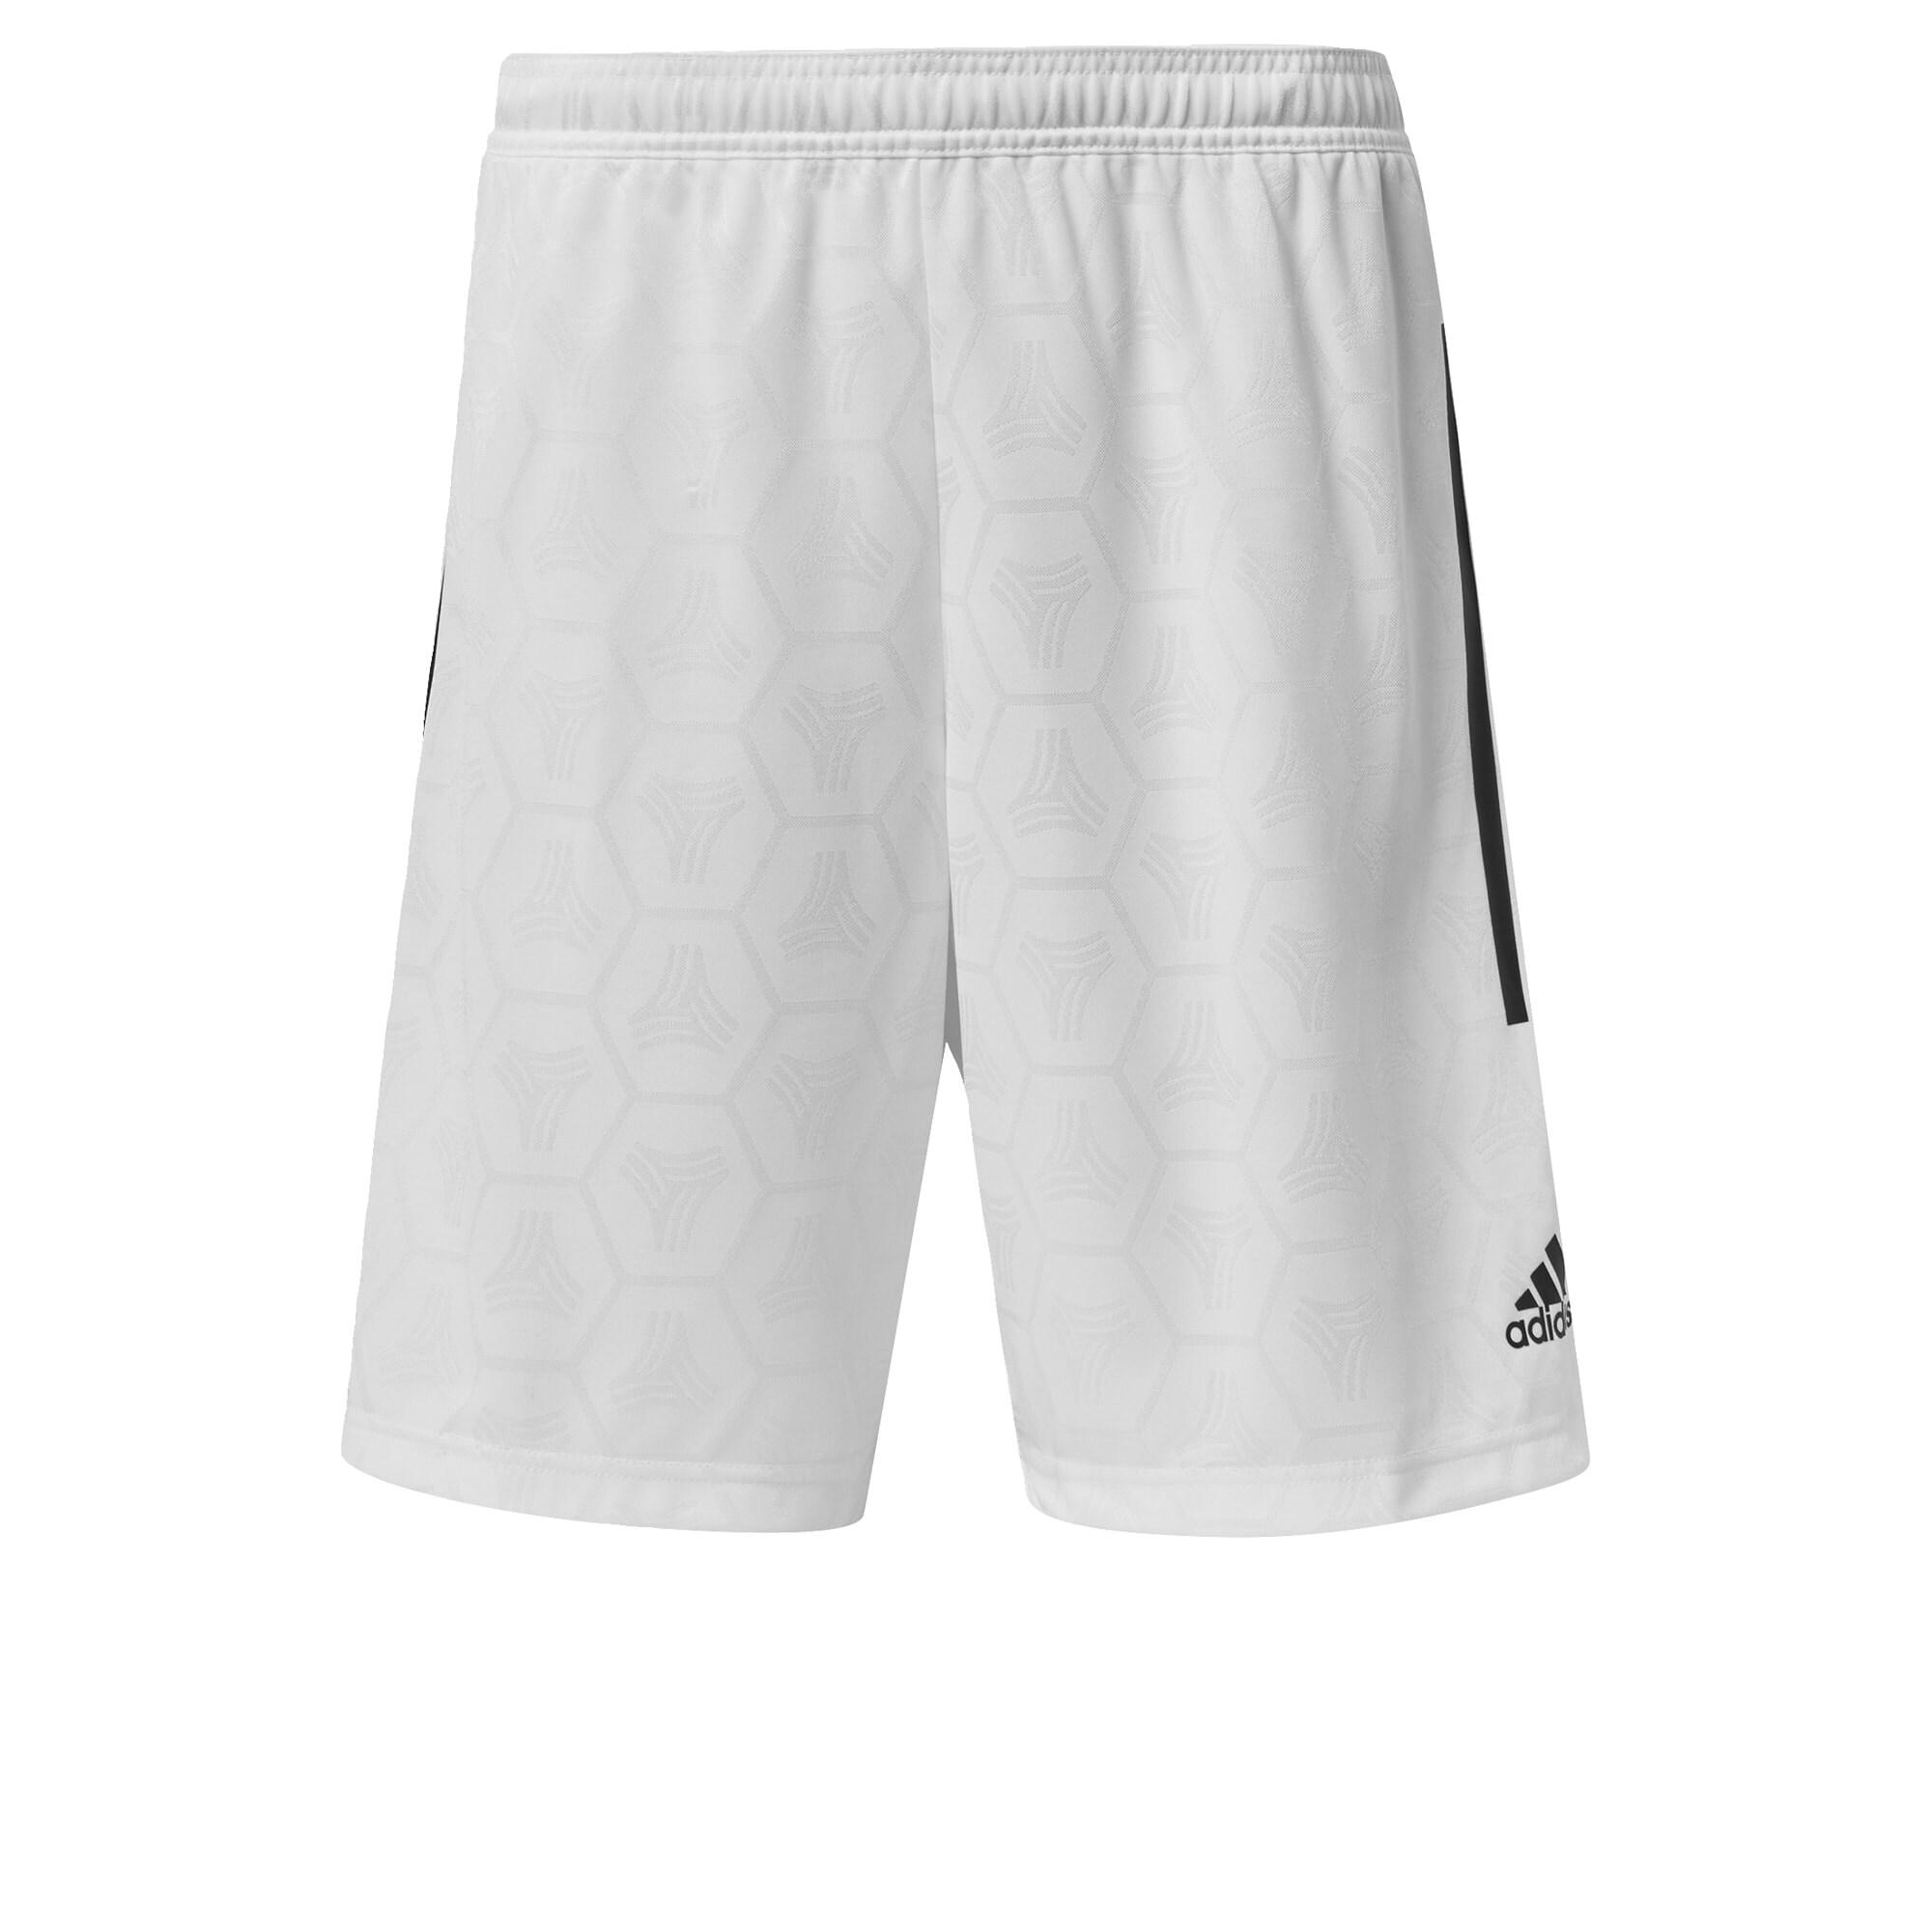 ADIDAS PERFORMANCE Sportinės kelnės balta